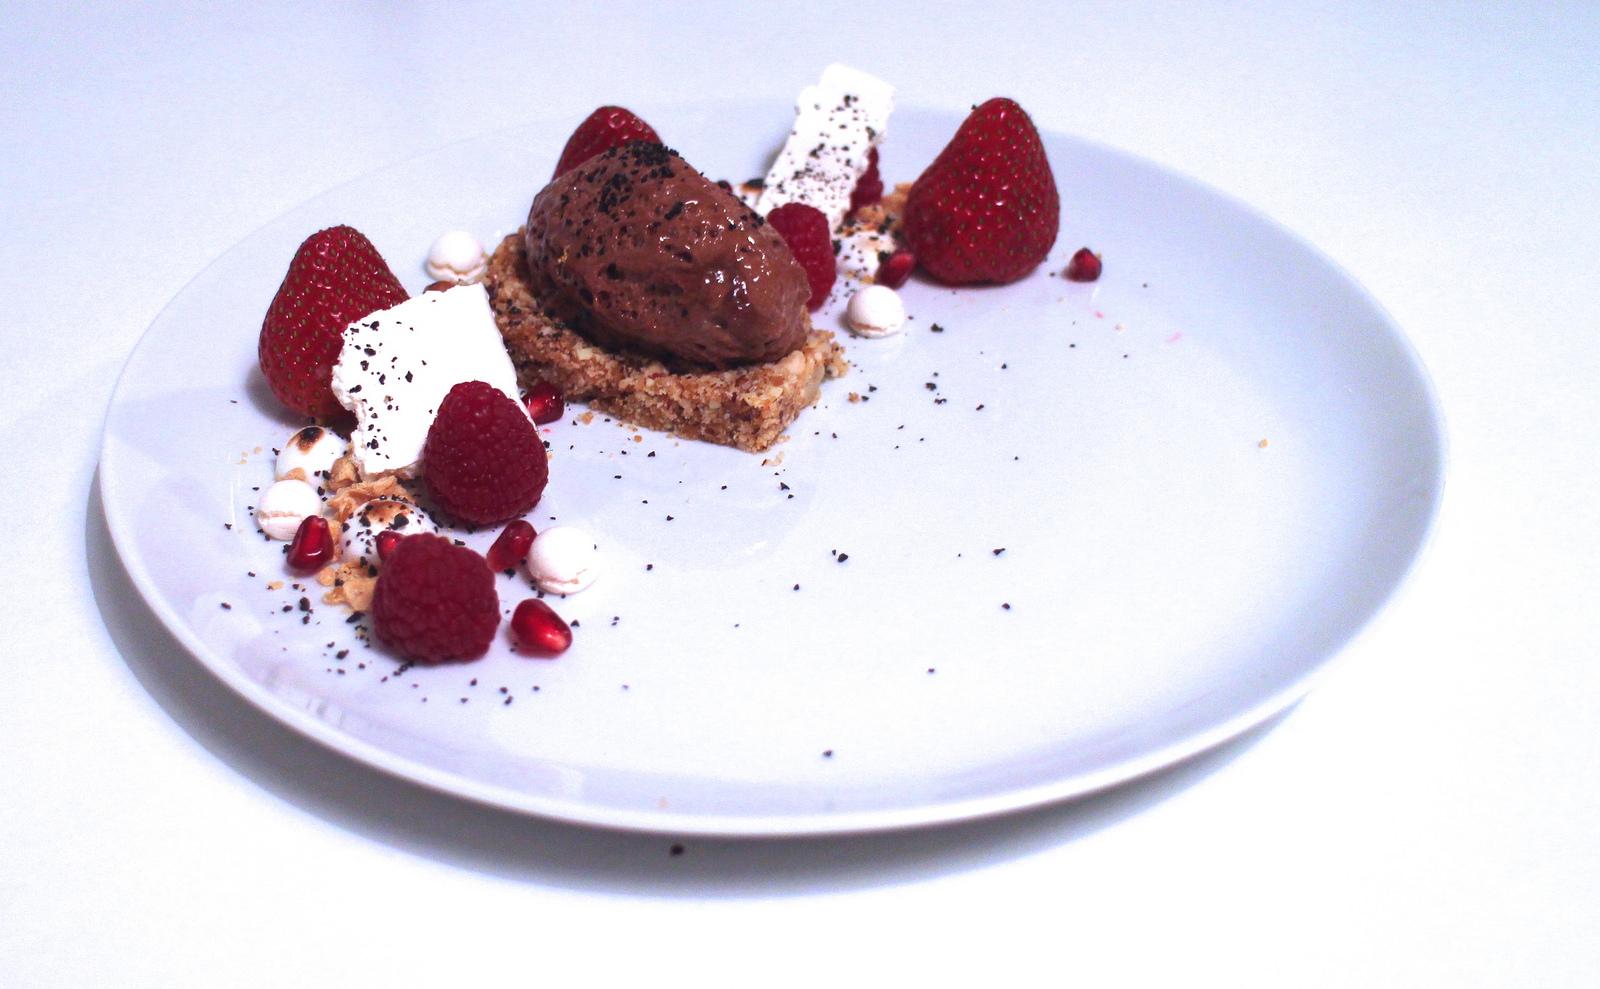 Chokolademousse med nøddebund, marengs og krystalliseret chokolade